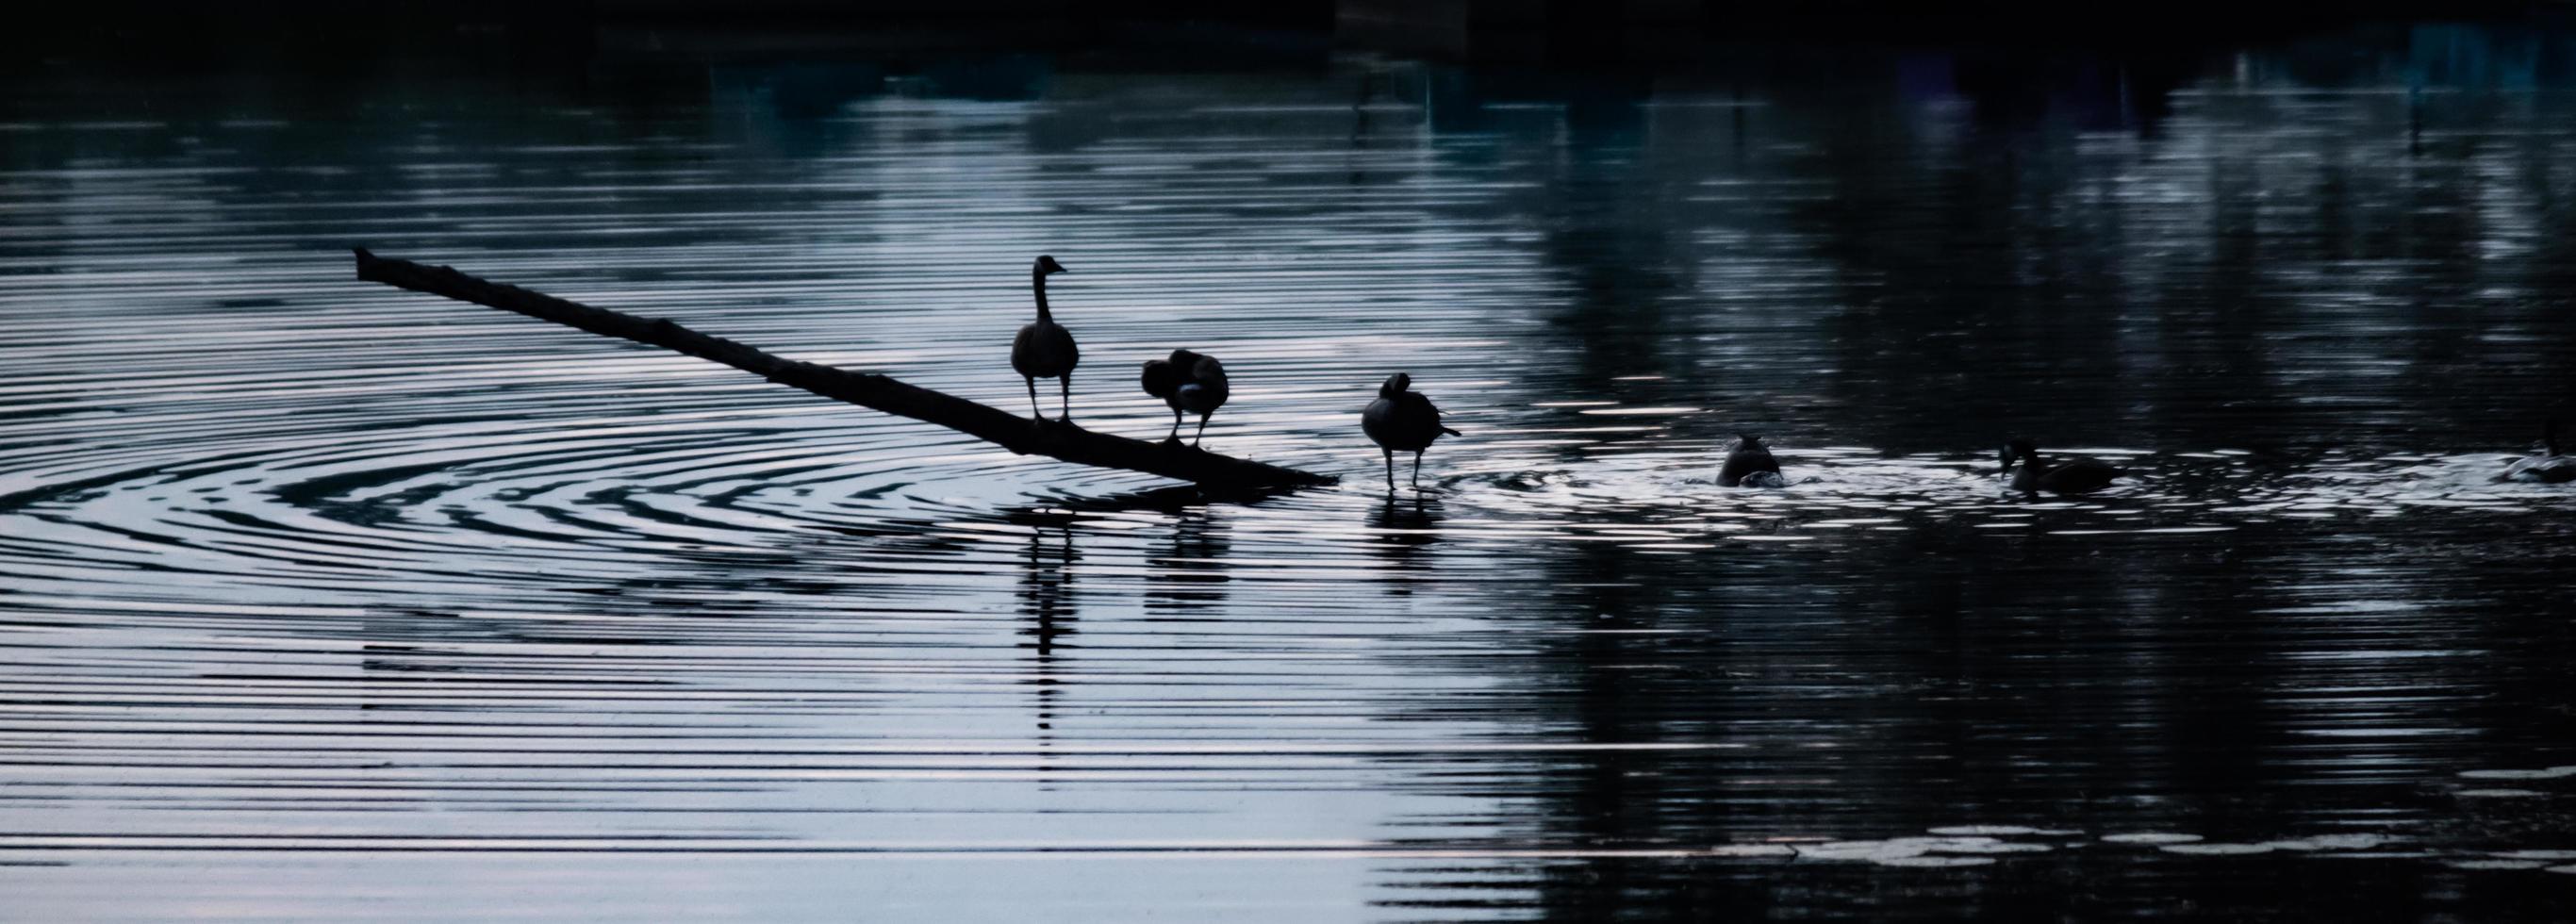 cygnes sur l'eau photo